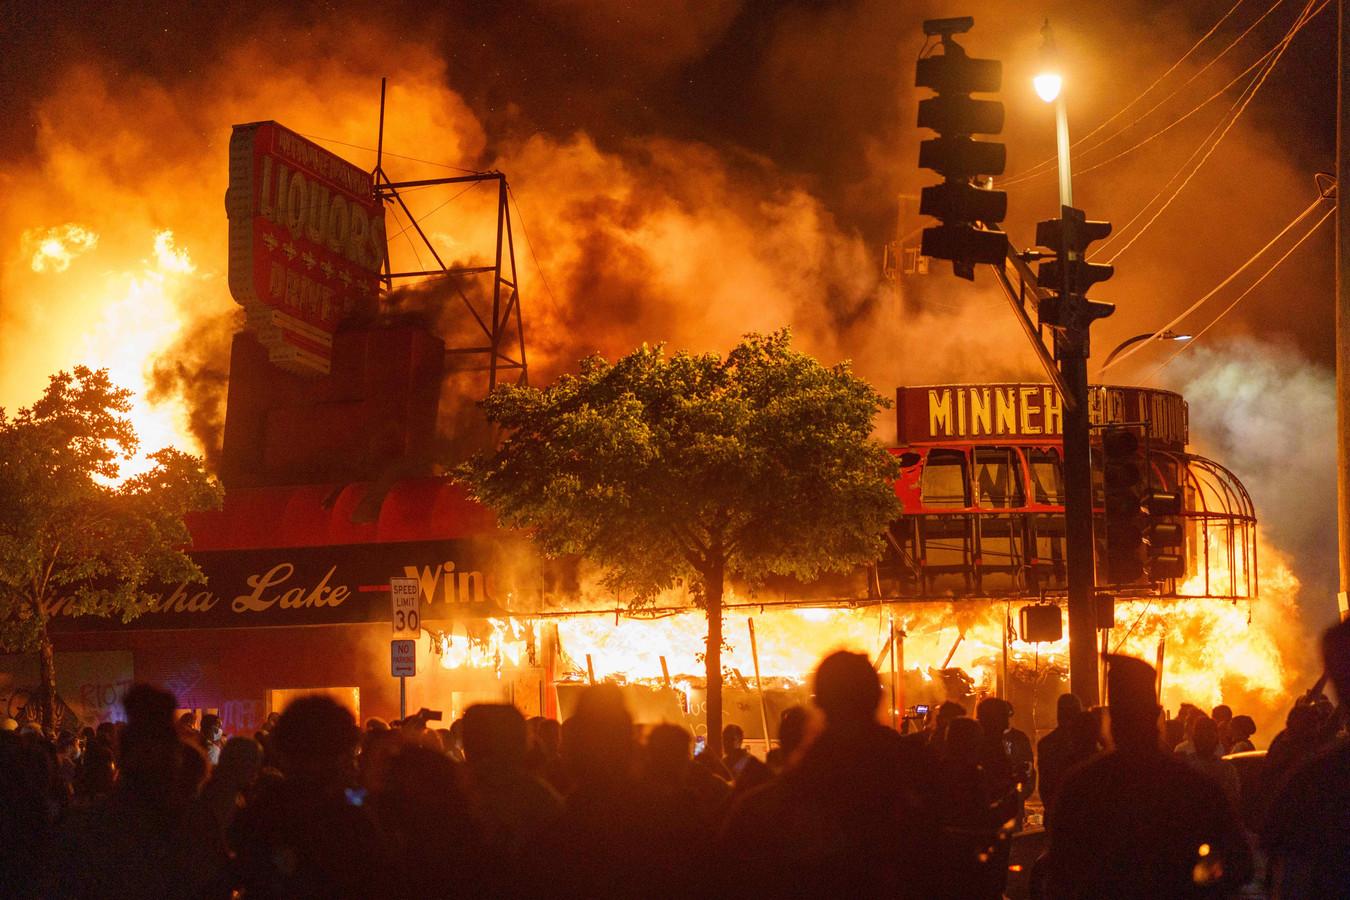 Demonstranten verzamelen zich voor een in brand gestoken slijterij bij het hoofdbureau voor politiepatrouilles en onderzoek in Minneapolis dat later in vlammen op zou gaan.